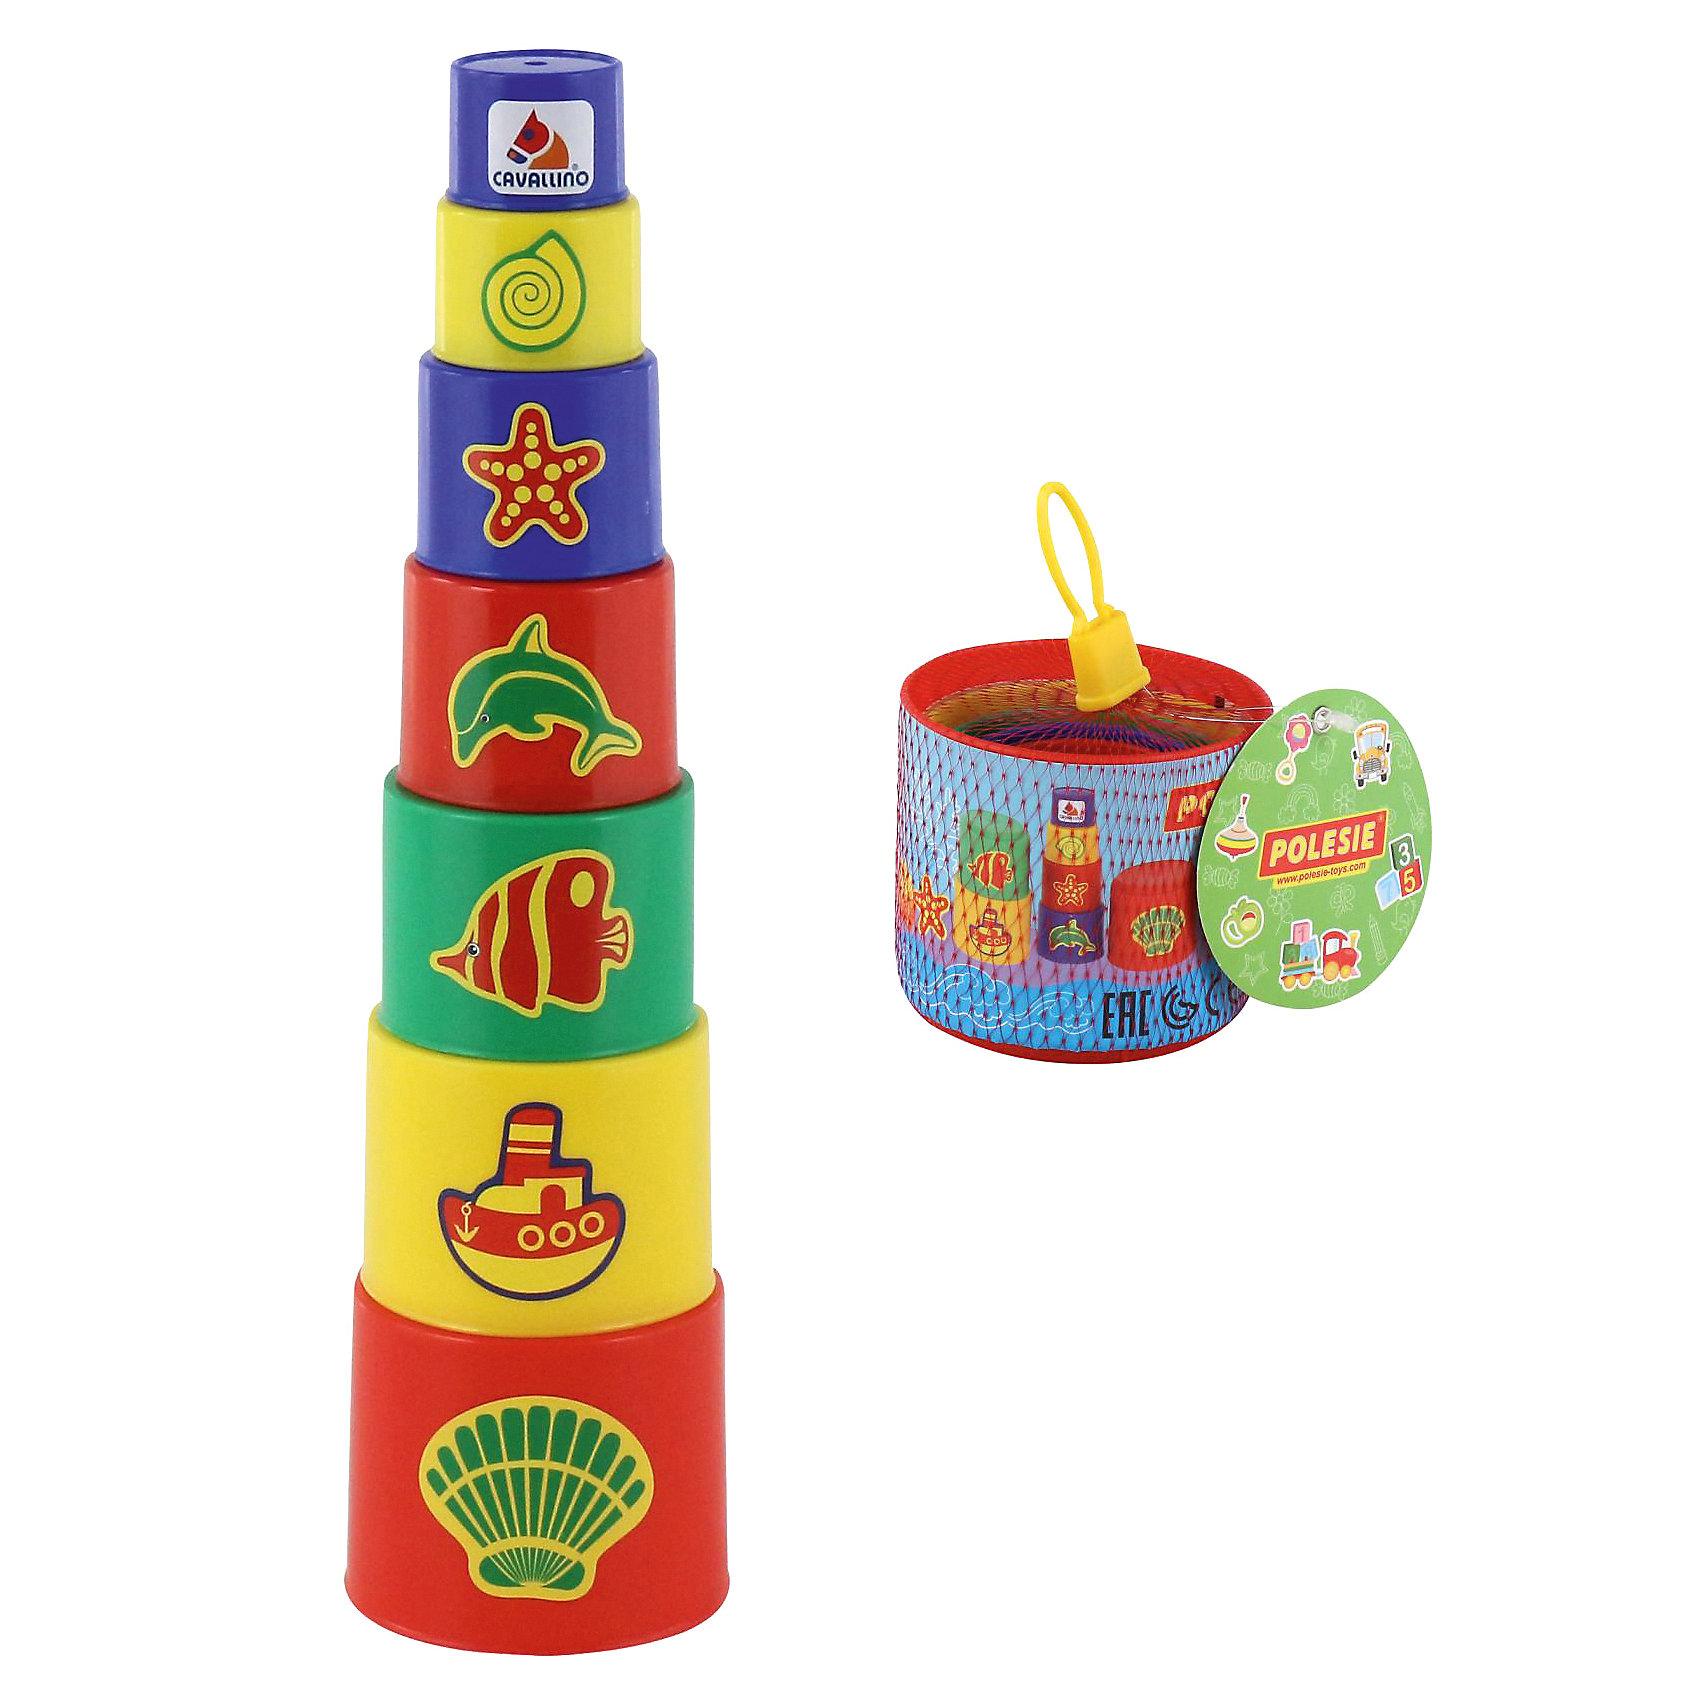 Занимательная пирамидка №3, 7 элементов, ПолесьеПирамидки<br>Характеристики товара:<br><br>• возраст: от 12 мес<br>• количество деталей: 7 шт<br>• материал: пластик<br>• высота пирамидки: 50 см.<br>Страна обладатель бренда: Беларусь.<br><br>Интересная игрушка Занимательная пирамидка поможет развить у ребенка логическое и абстрактное мышление, а также моторику рук. <br><br>Собрать ее не составит никакого труда, ведь все элементы соединяются между собой легко и просто.<br><br>Занимательную пирамидку №3, 7 элементов, Полесье можно купить в нашем интернет-магазине.<br><br>Ширина мм: 85<br>Глубина мм: 20<br>Высота мм: 84<br>Вес г: 123<br>Возраст от месяцев: 36<br>Возраст до месяцев: 2147483647<br>Пол: Унисекс<br>Возраст: Детский<br>SKU: 6760711